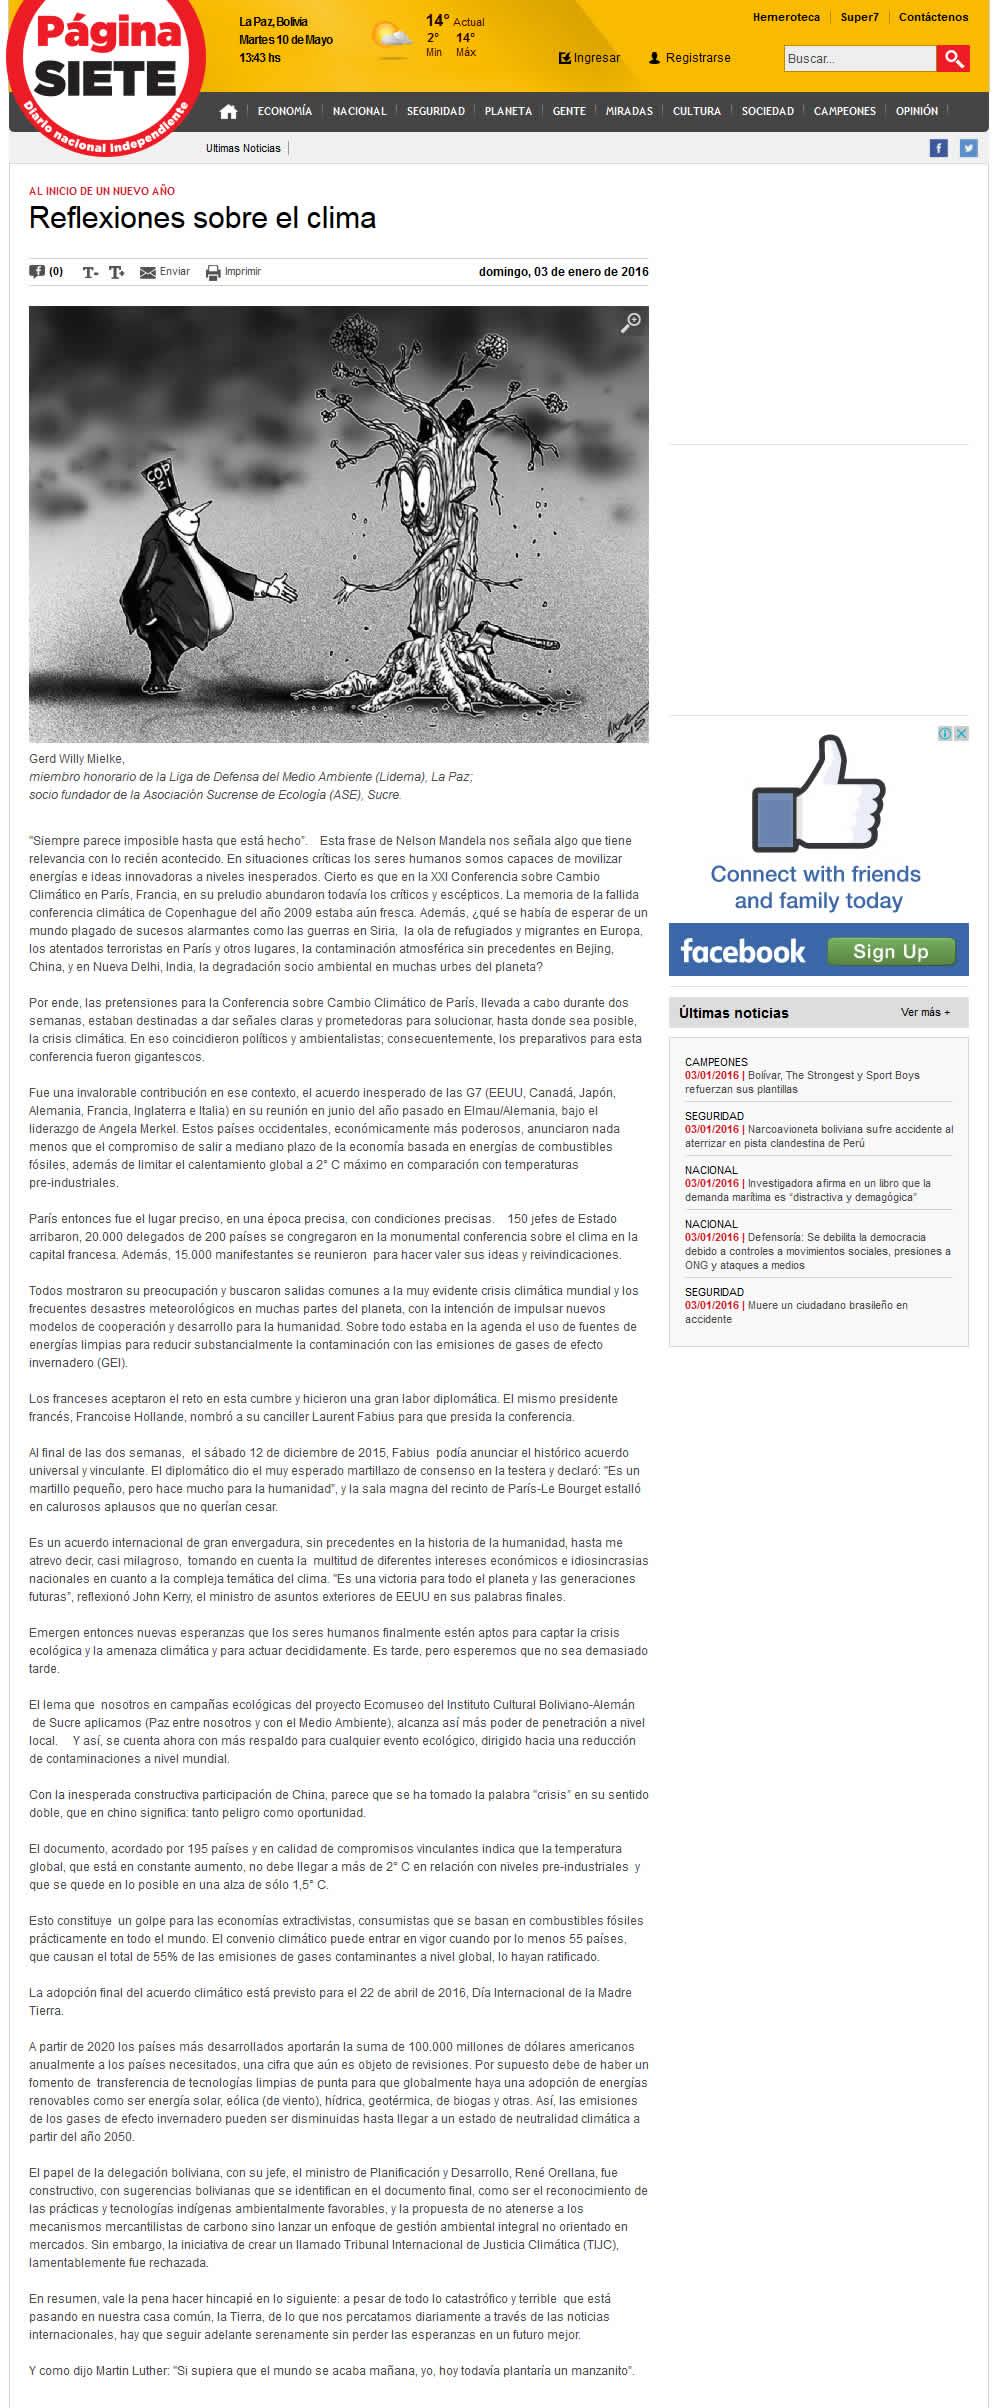 Reflexiones sobre el clima - Diario Pagina Siete jpg